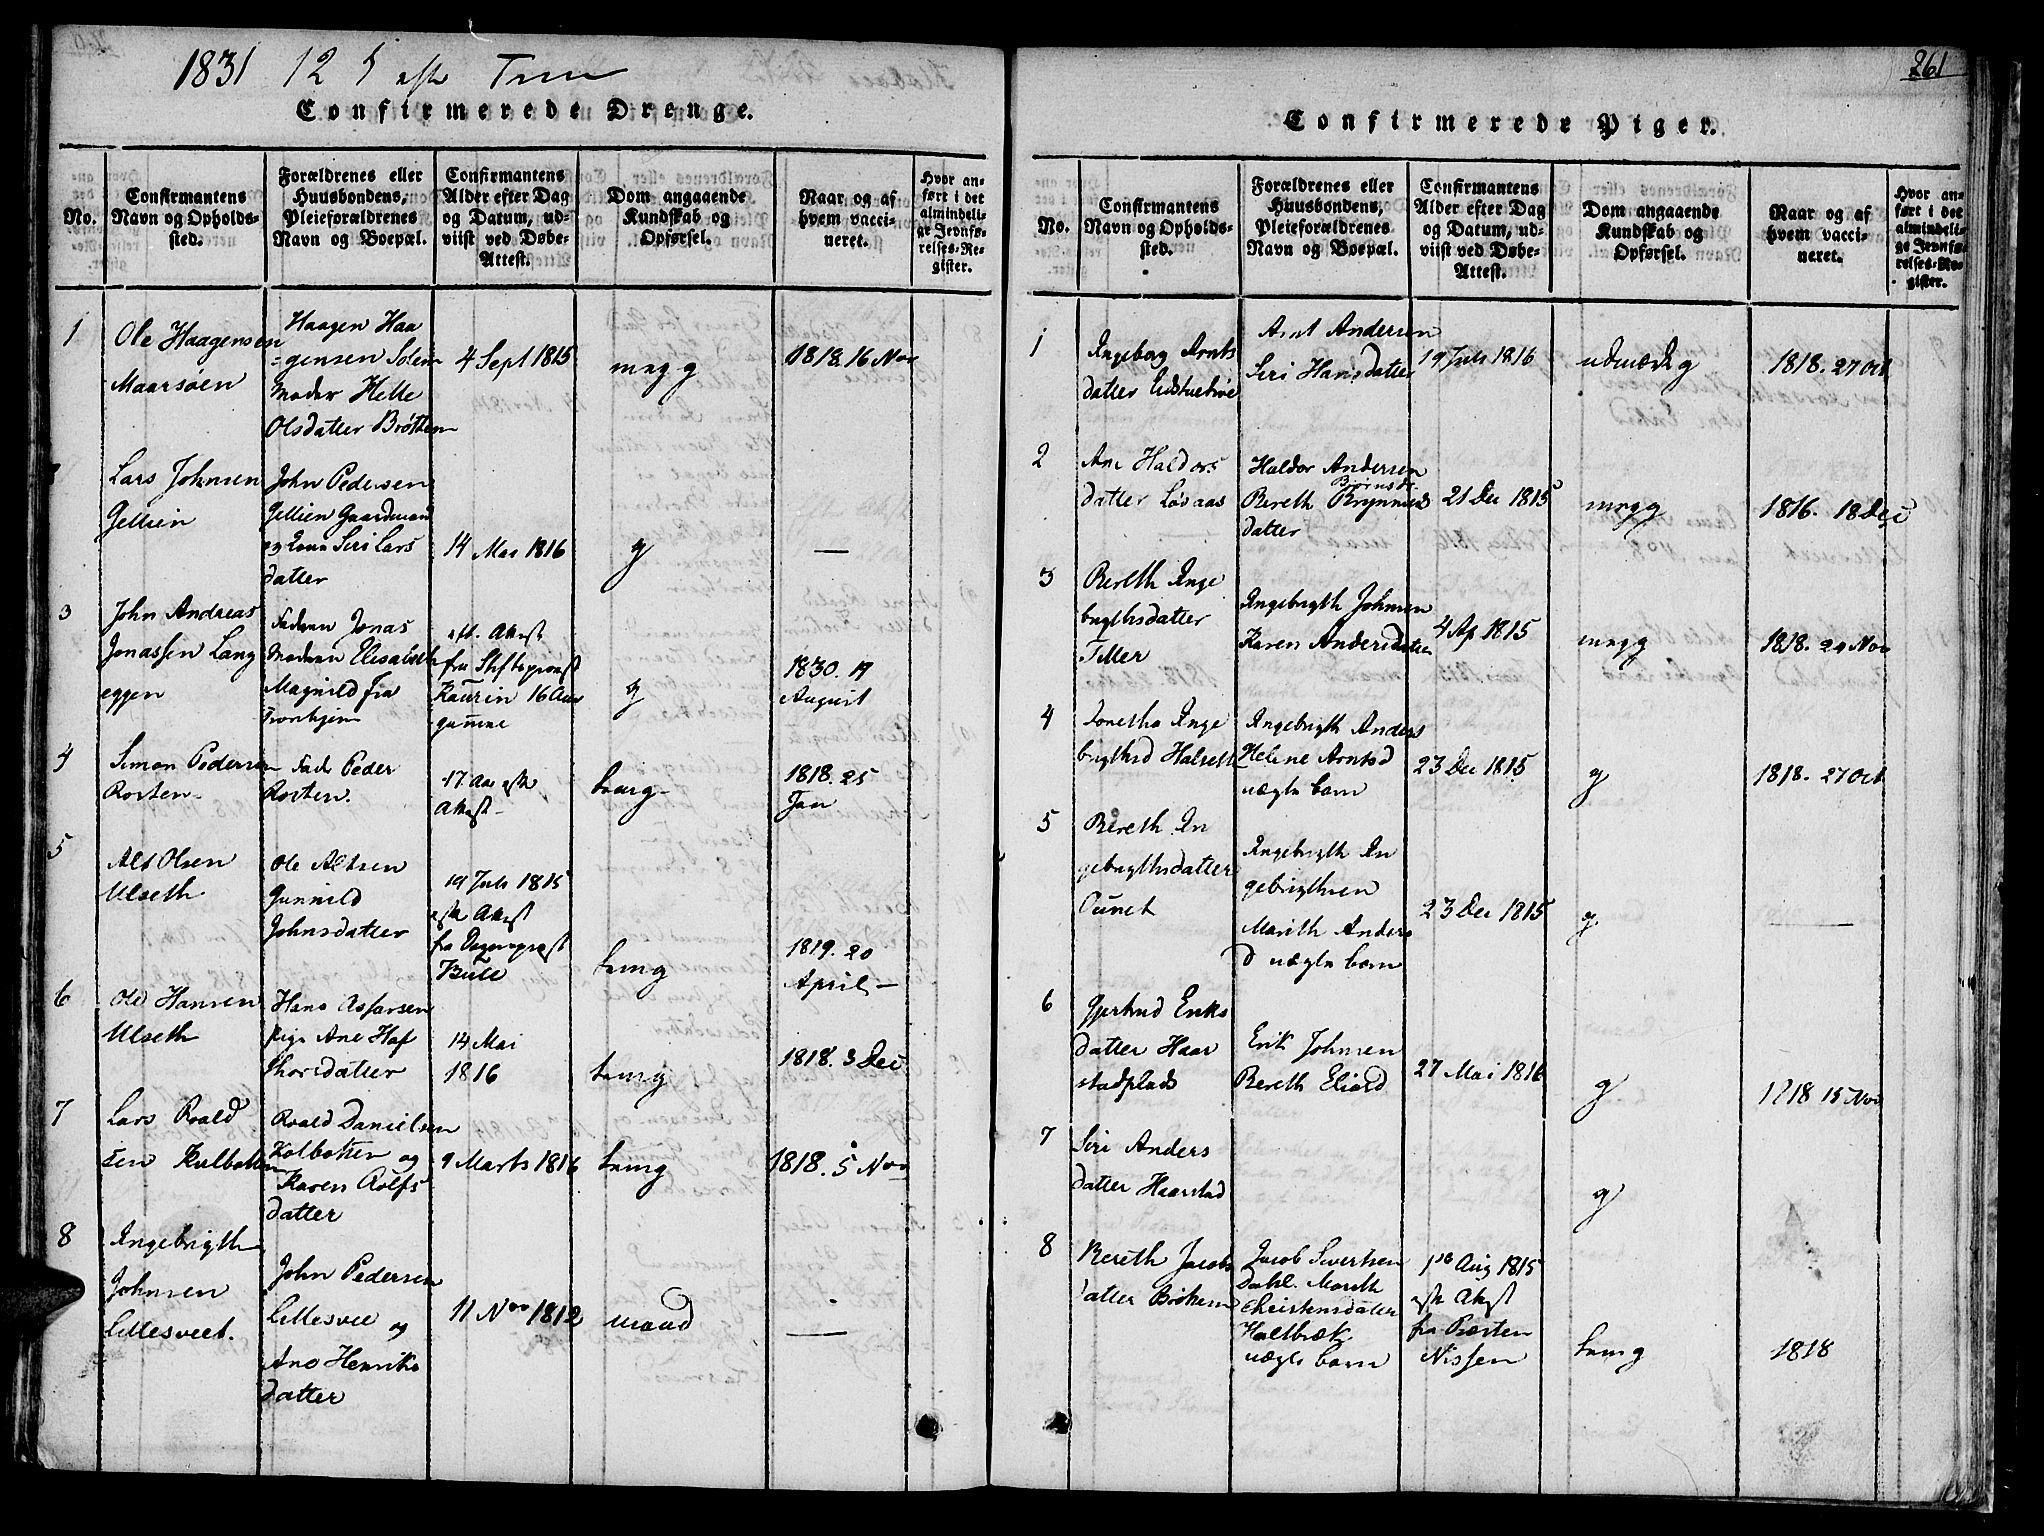 SAT, Ministerialprotokoller, klokkerbøker og fødselsregistre - Sør-Trøndelag, 618/L0439: Ministerialbok nr. 618A04 /1, 1816-1843, s. 261